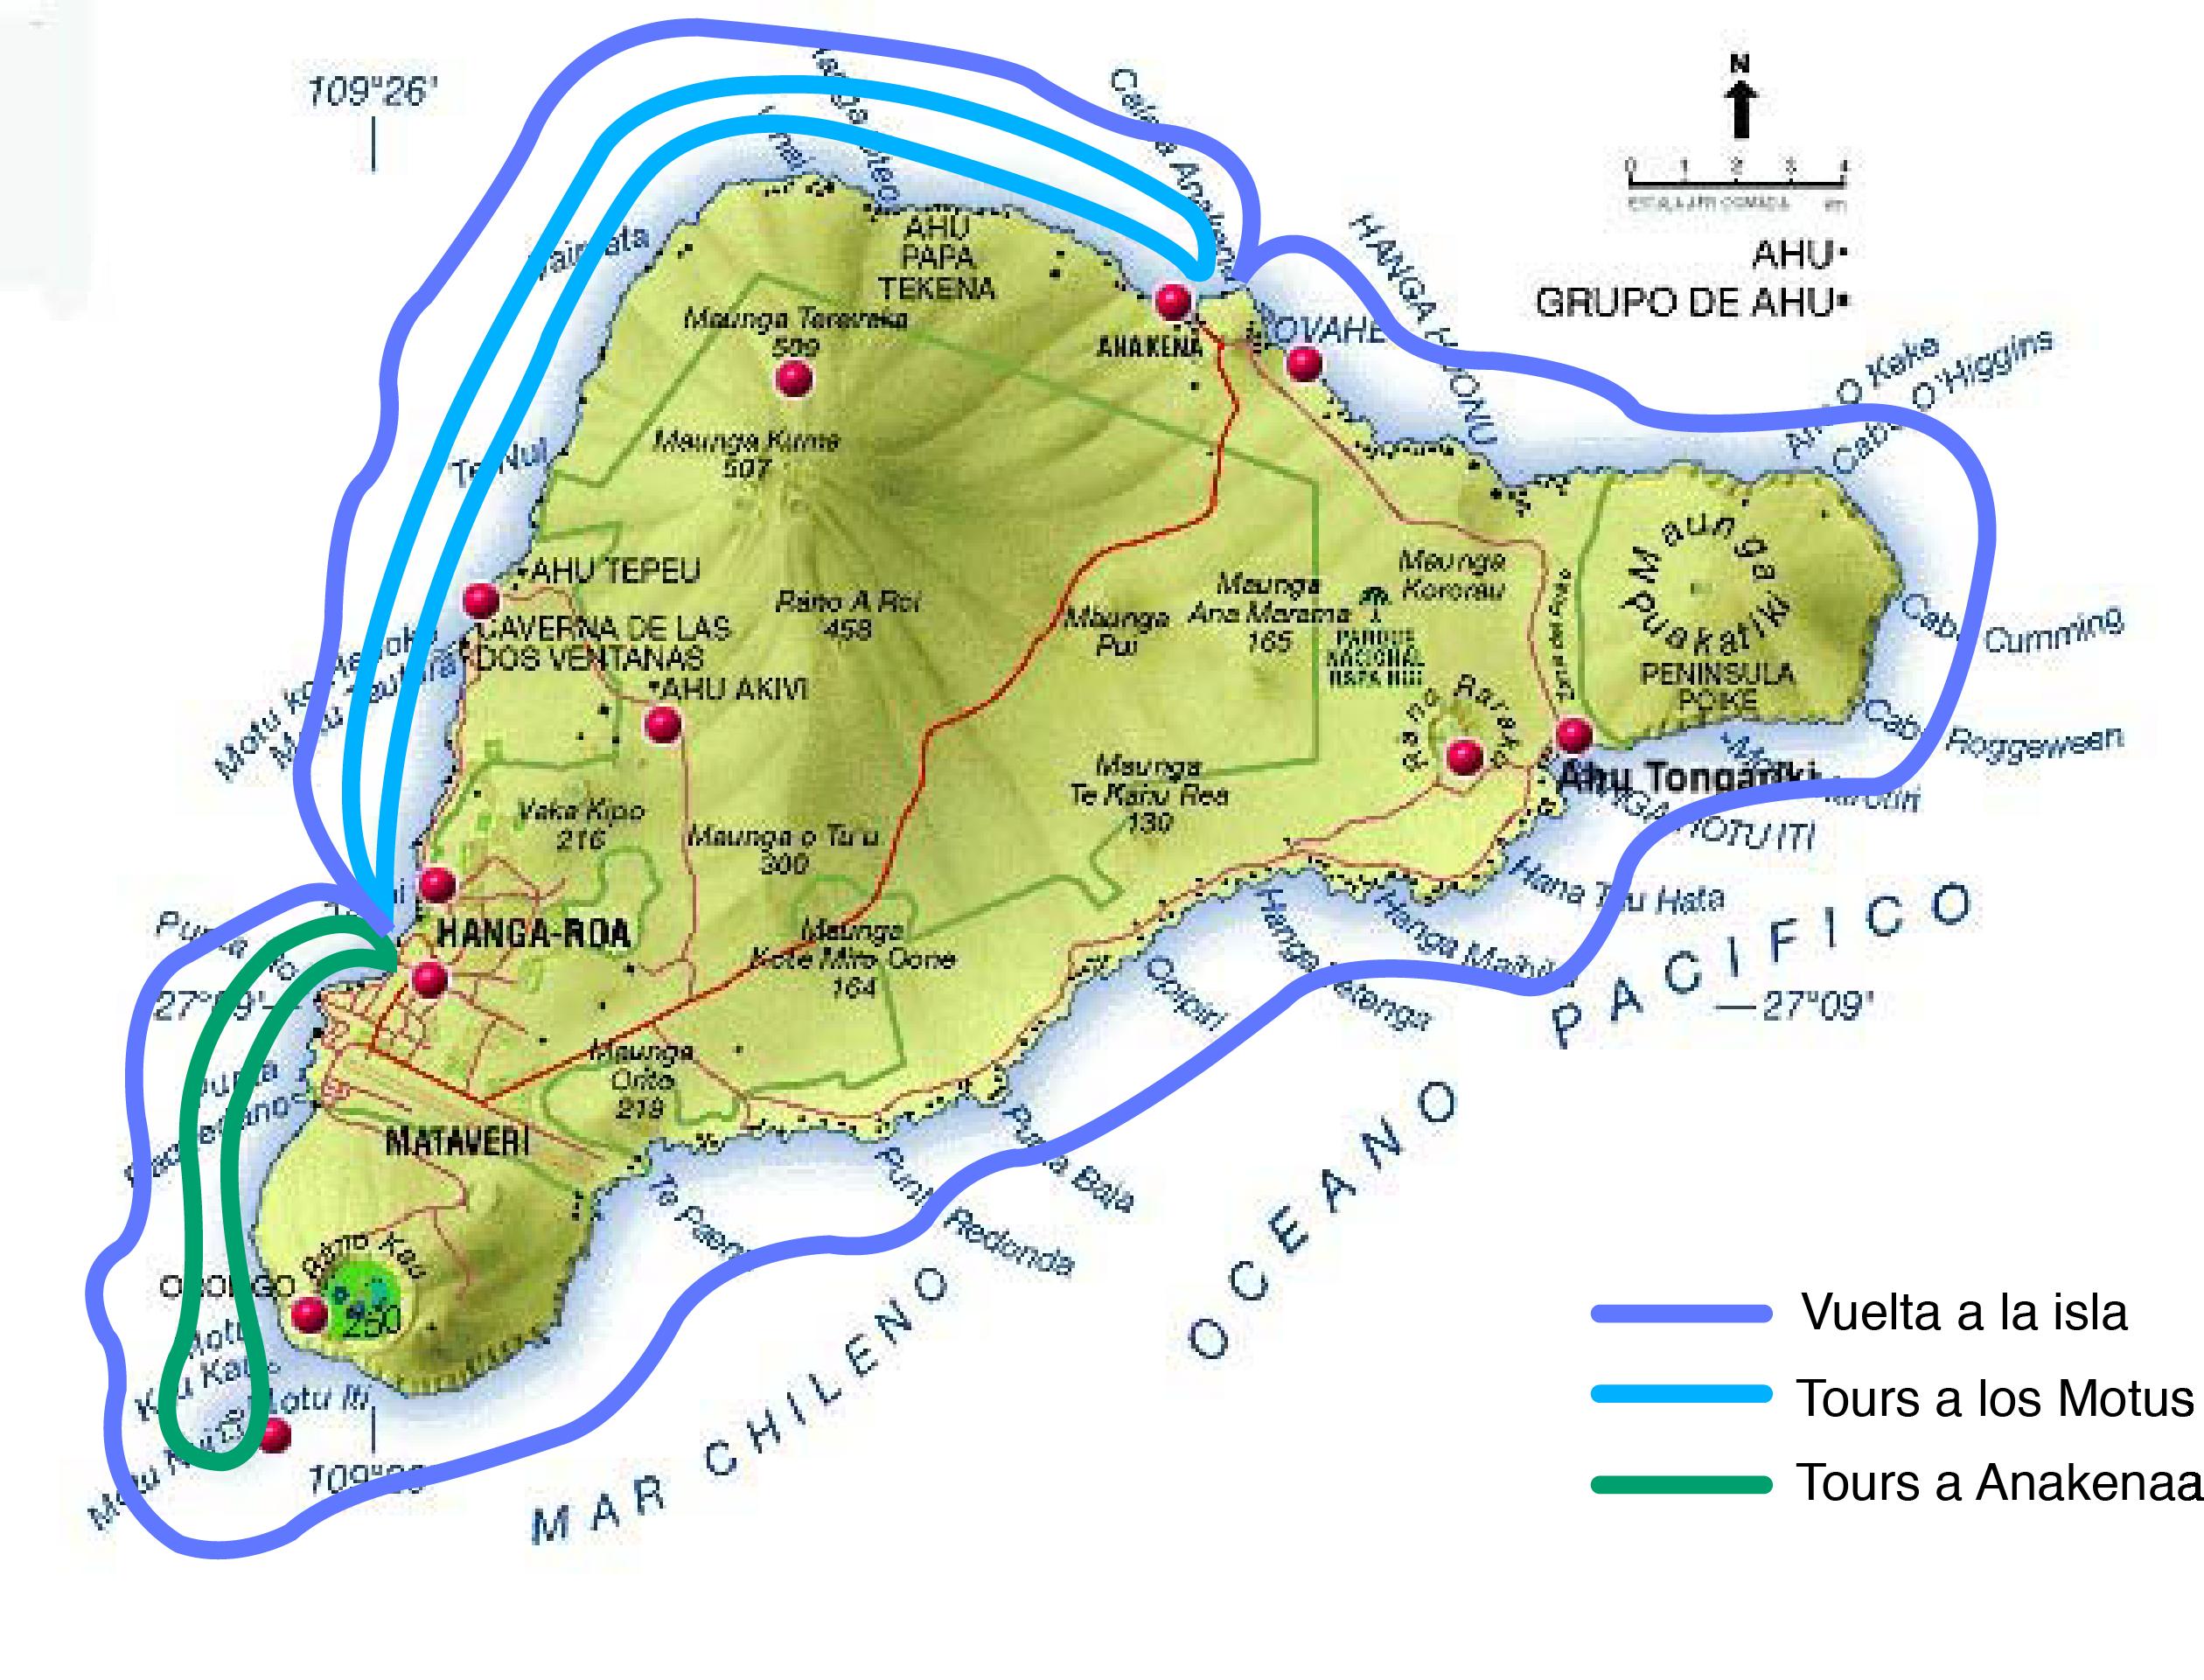 Turismo en Virgen Gorda - tripadvisores